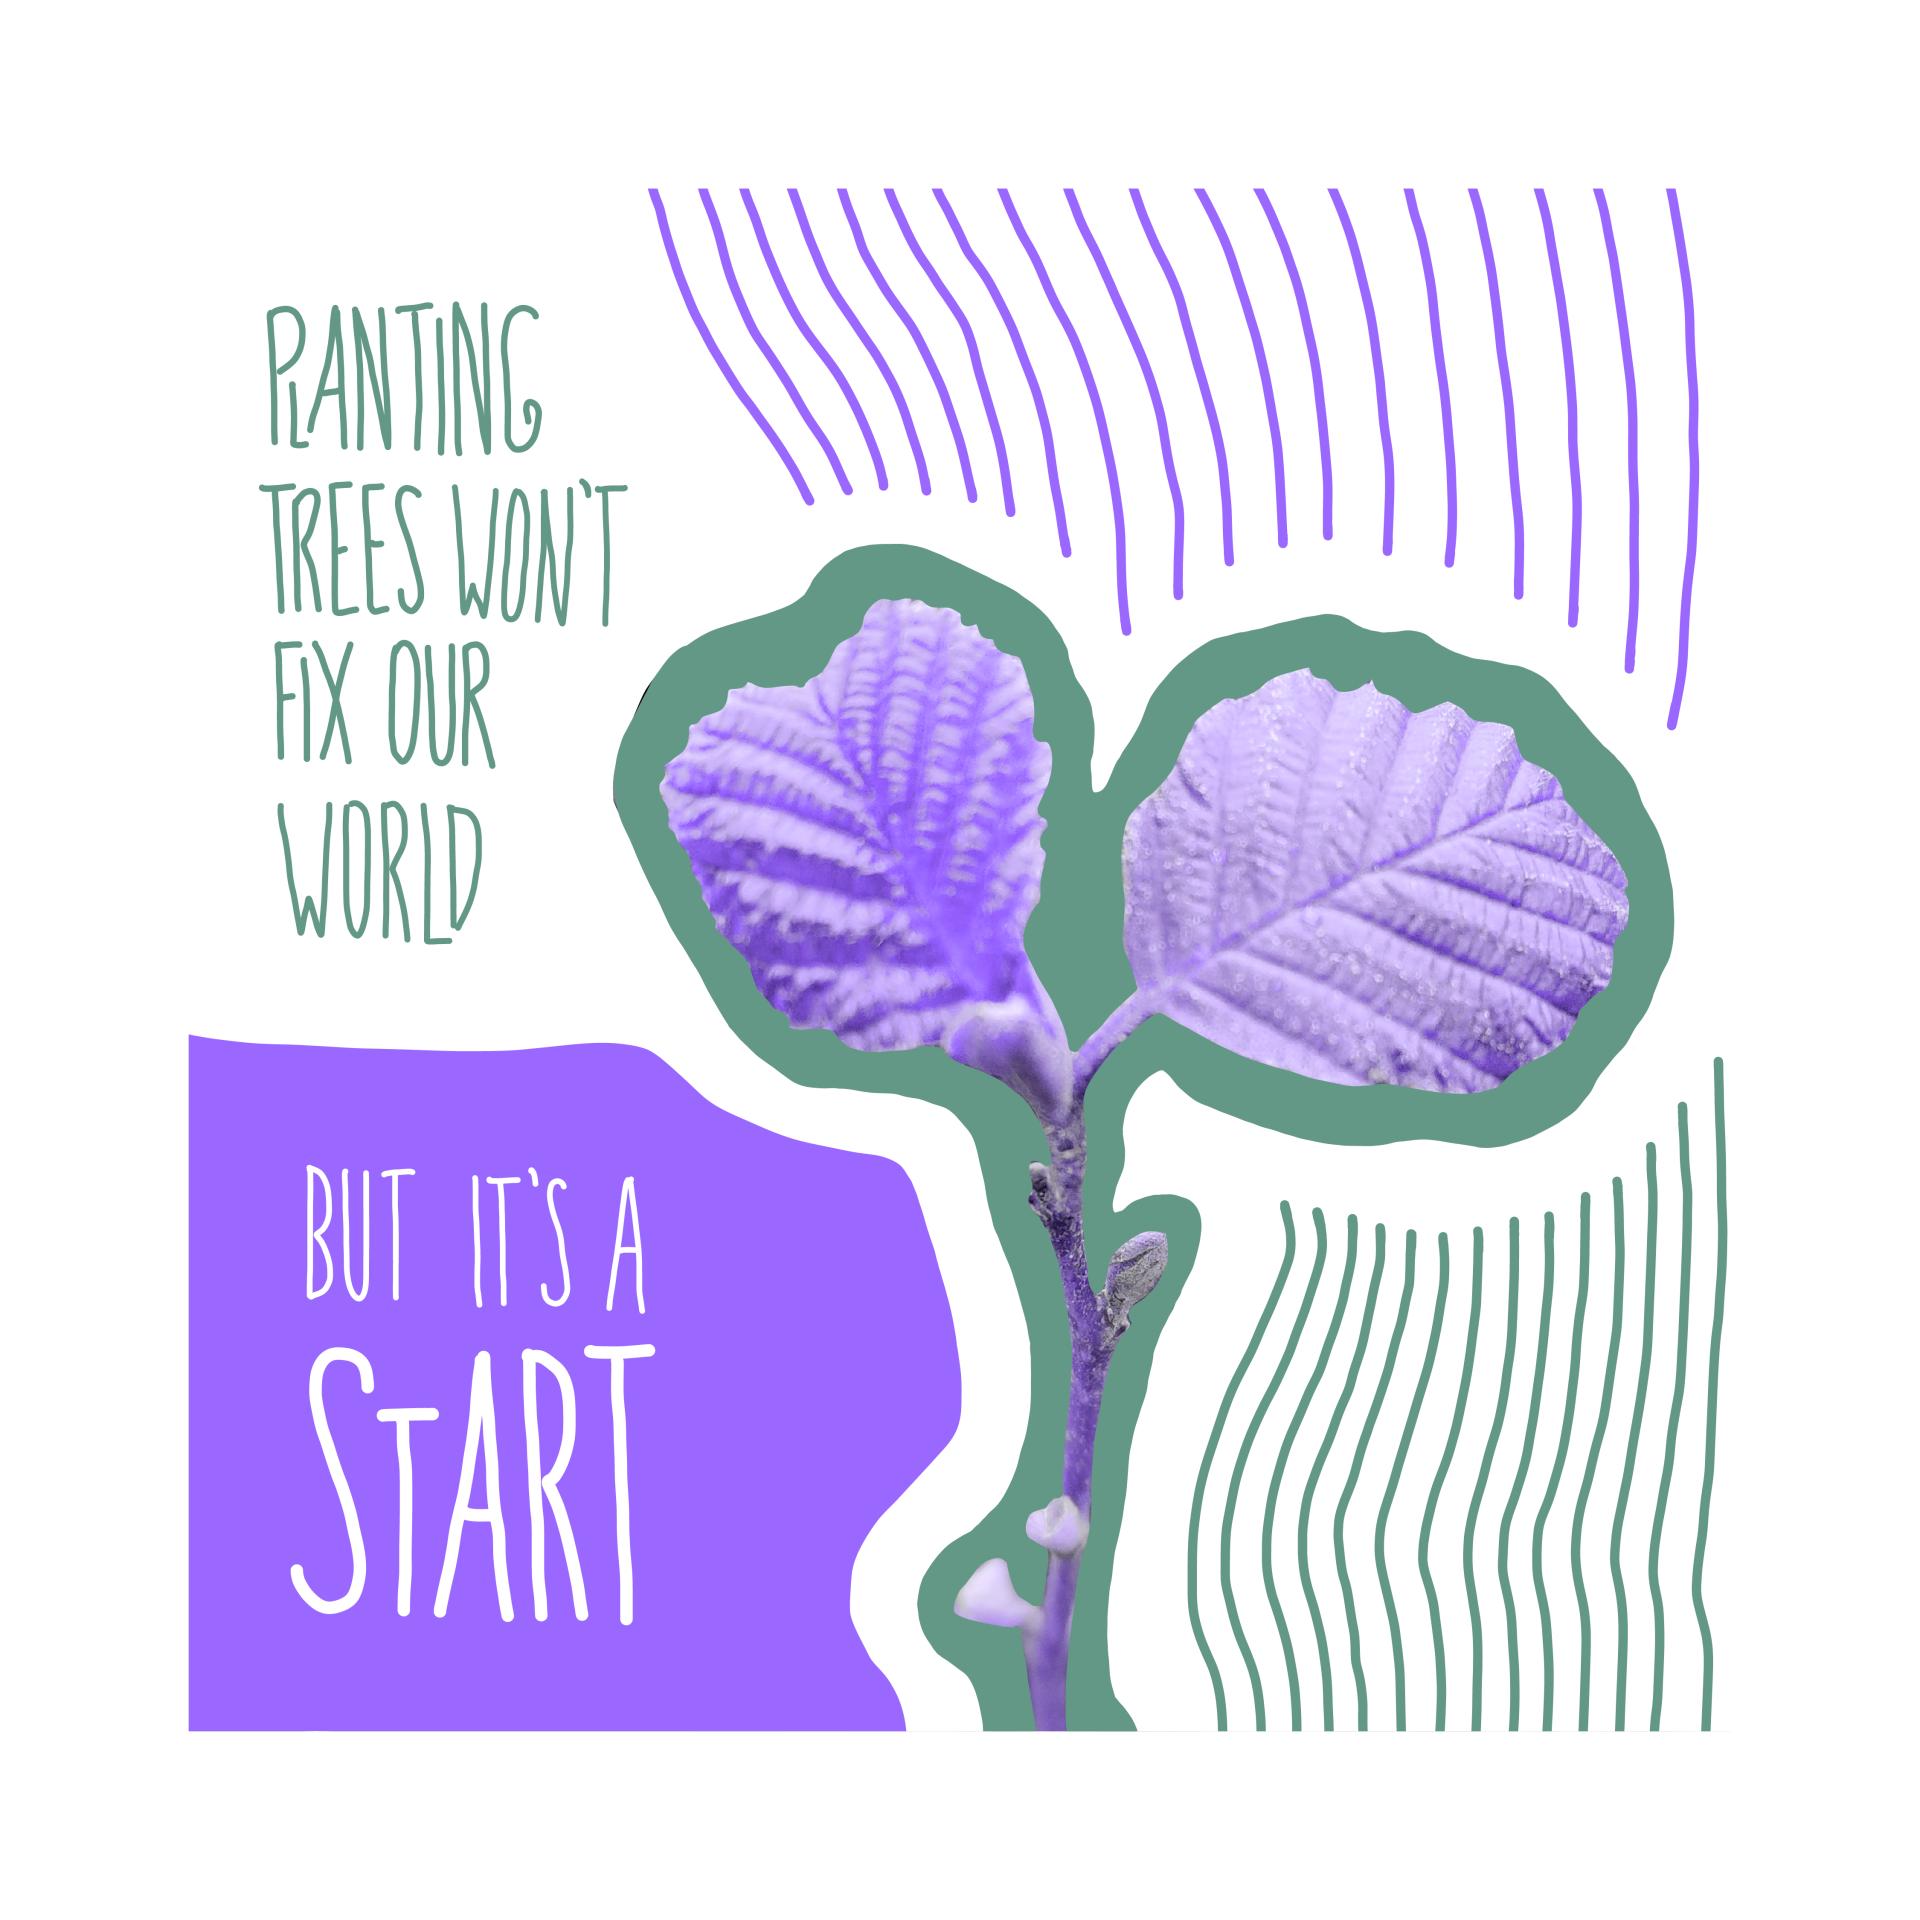 """illustration. quadratisch, weißer hintergrund. farben violett & grün. schrift links am bildrand: """"planting trees won't fix our world. but it's a start"""". daneben eine kleine junge pflanze & ein paar gestaltungselemente in form von flächen & wellenförmigen linien"""